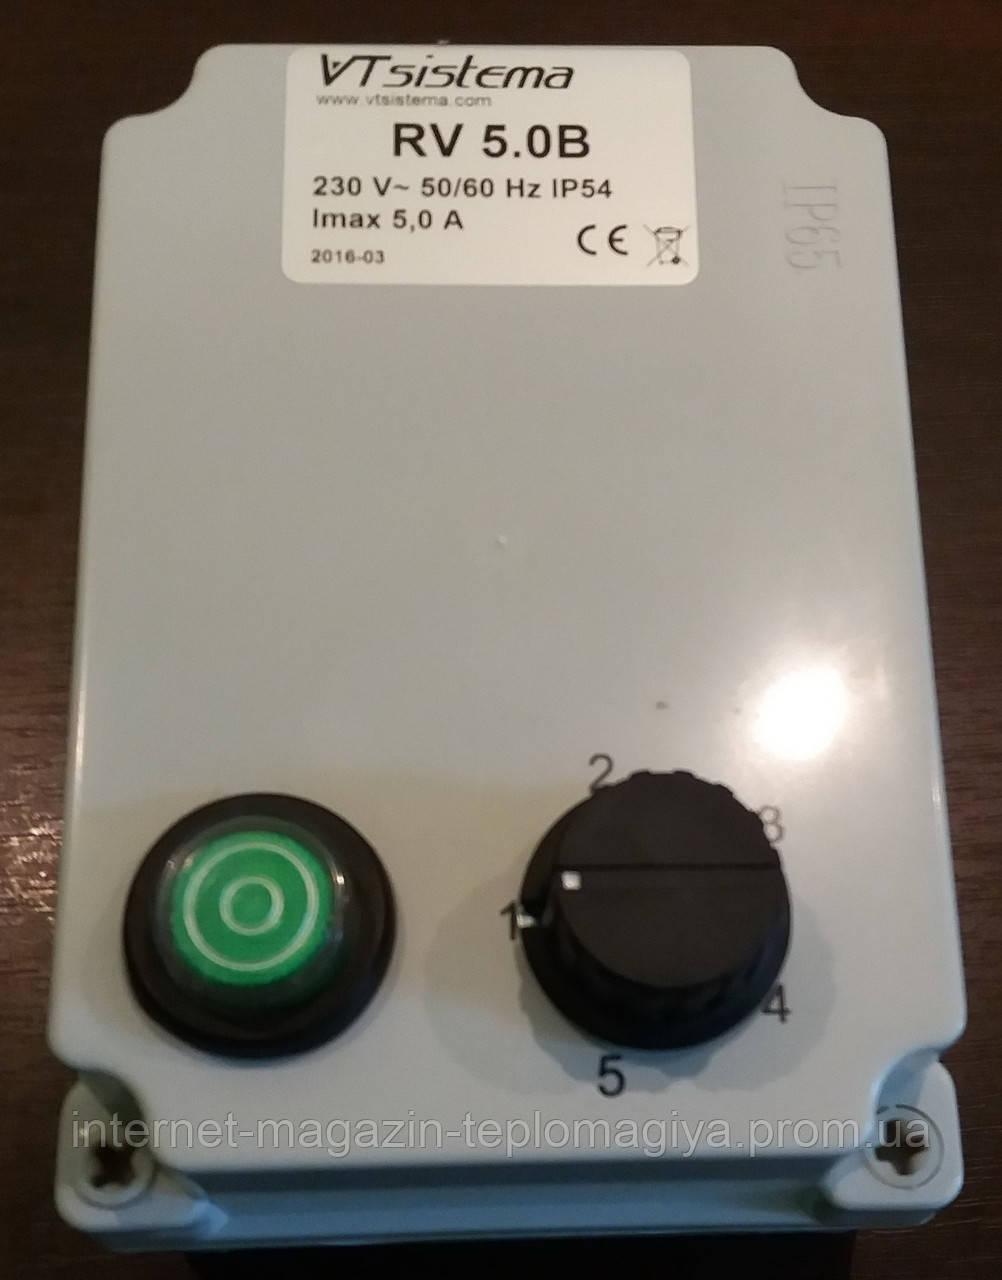 Трансформаторный регулятор скорости HC 5.0A